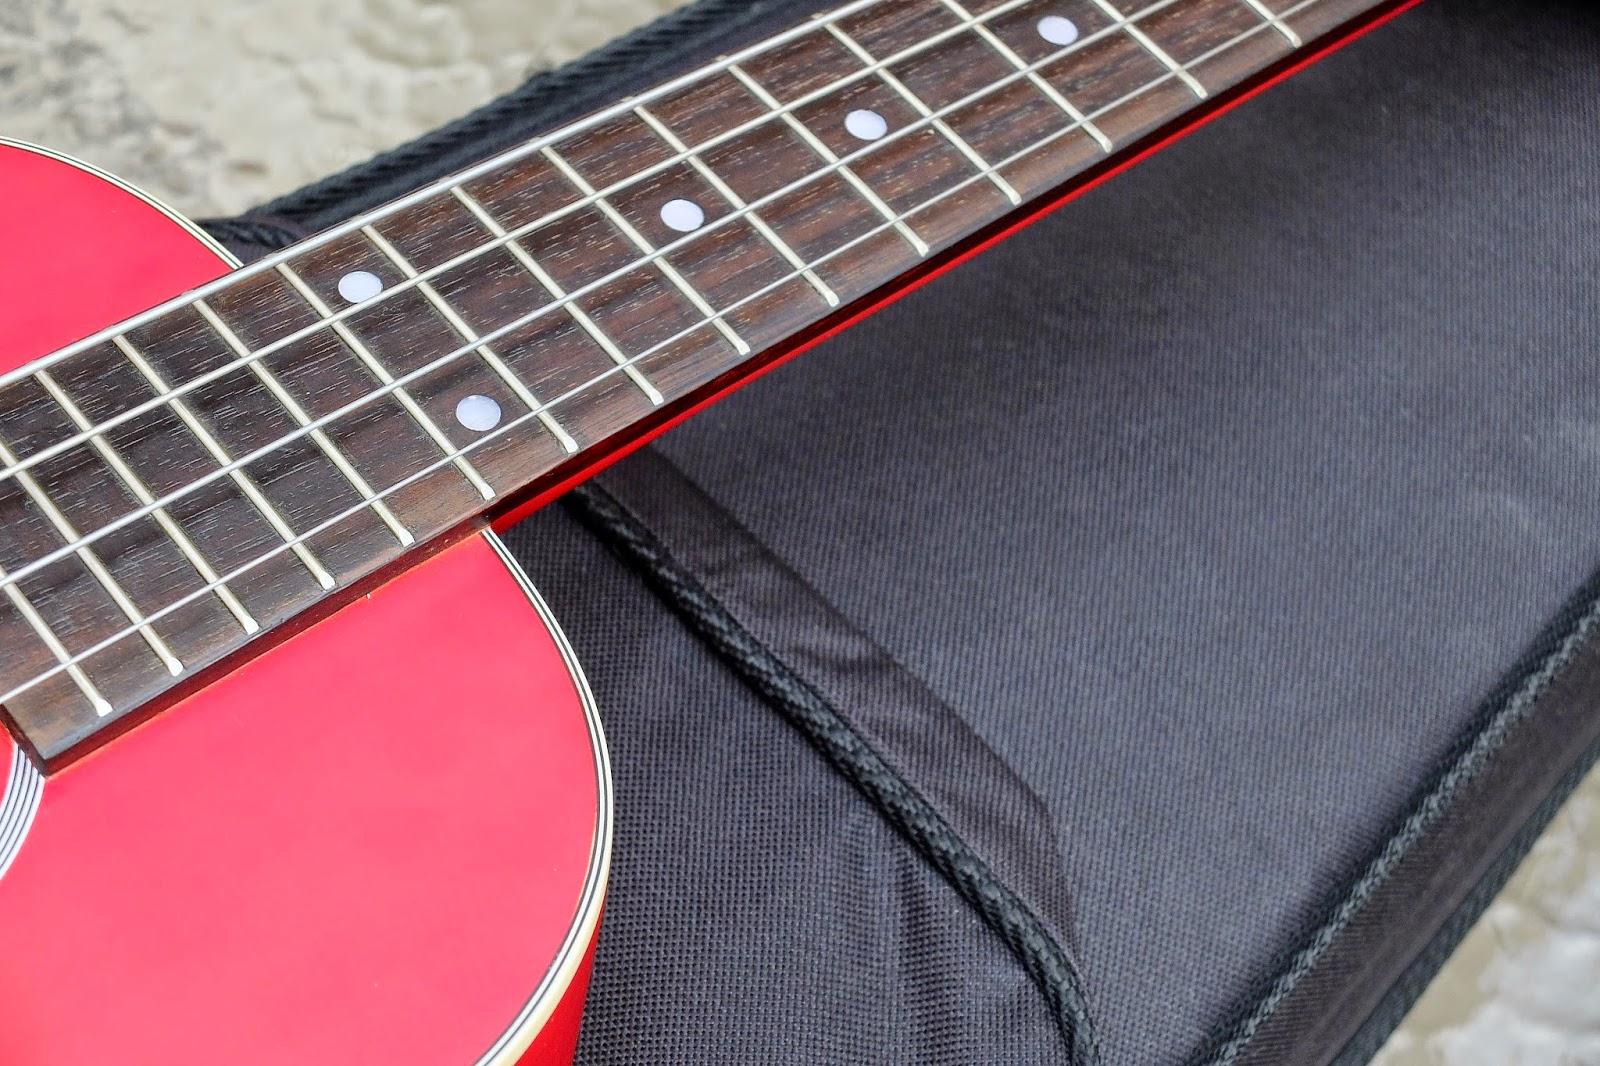 Kamoa E3E Ukulele Bass fingerboard